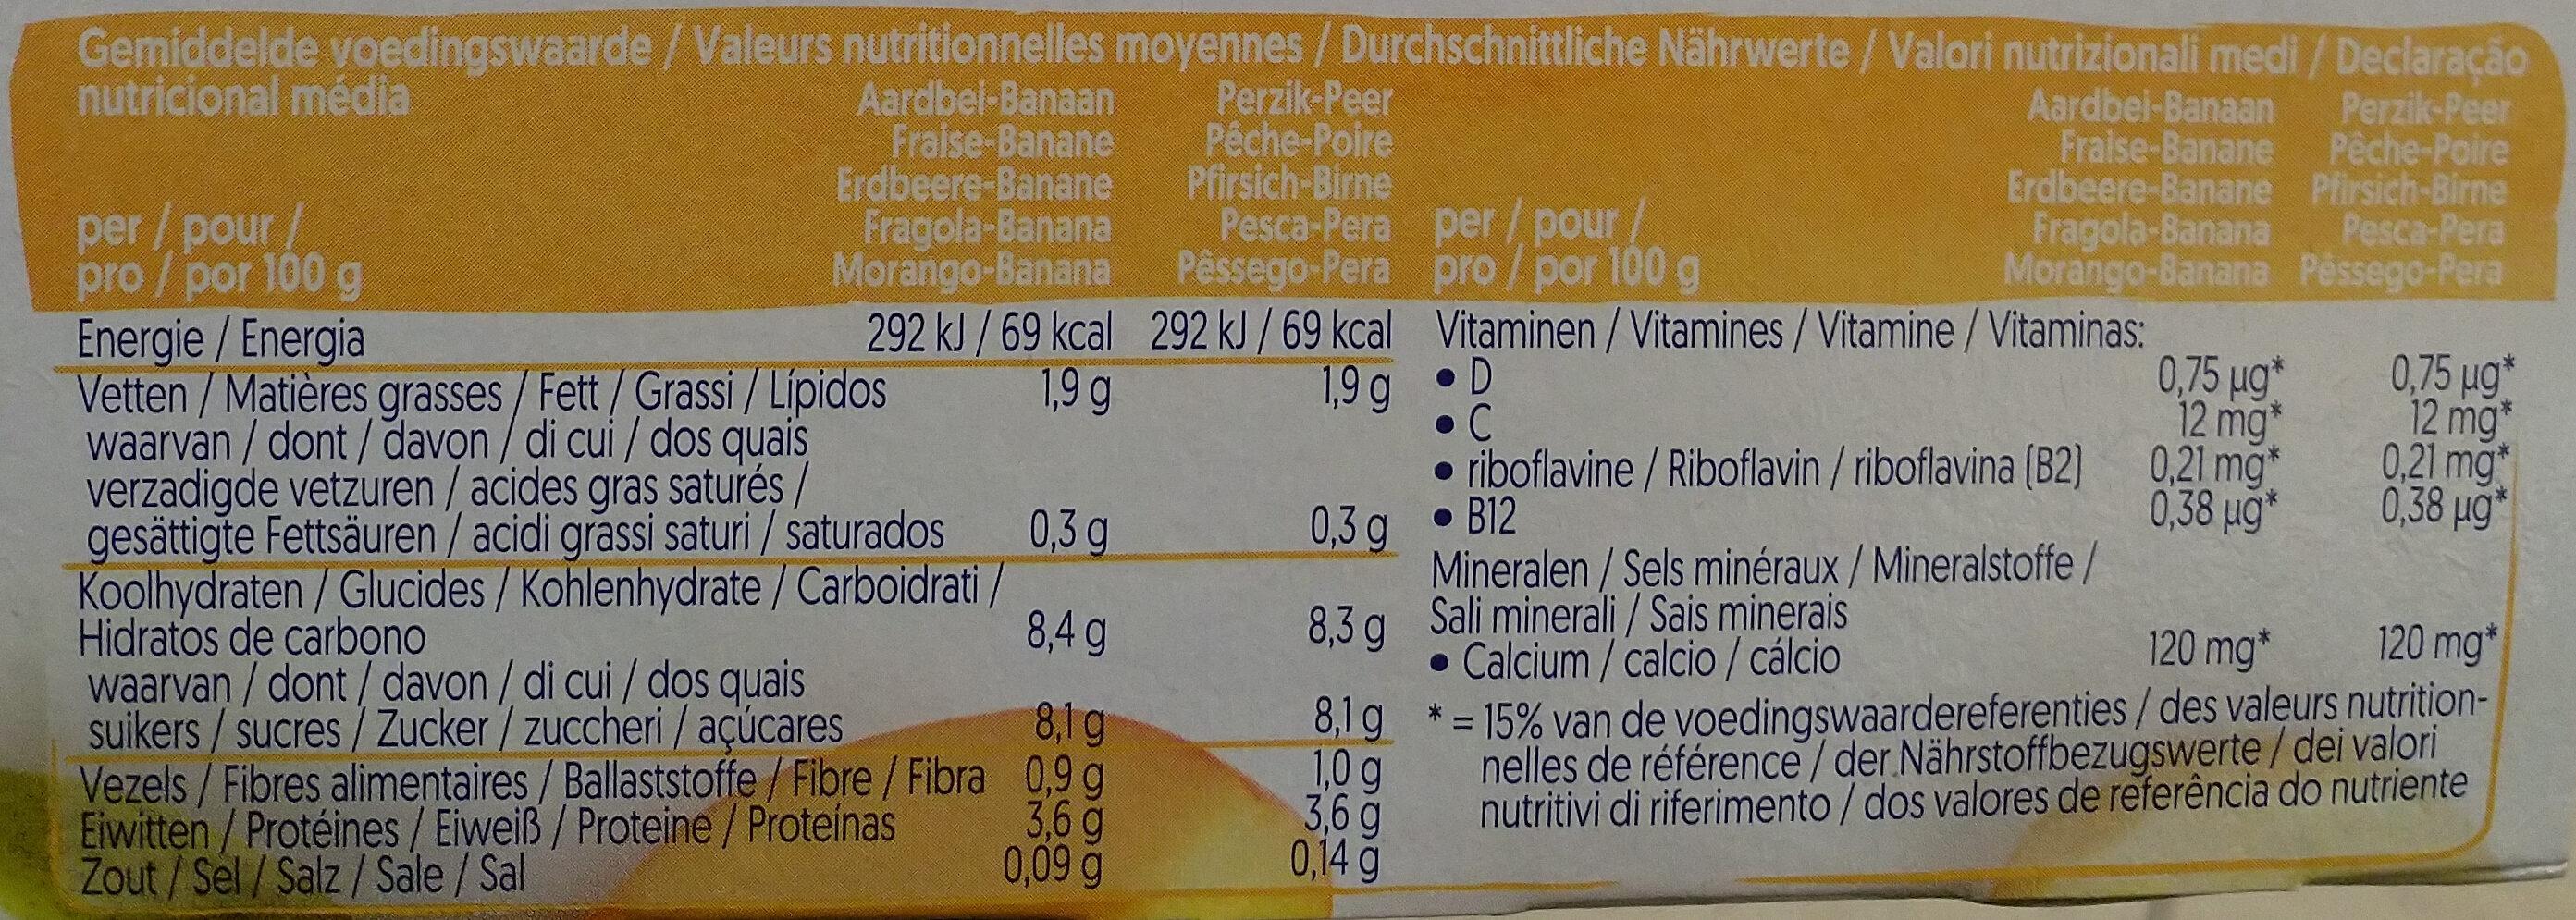 Fraises banane + pêche poire - Informations nutritionnelles - fr